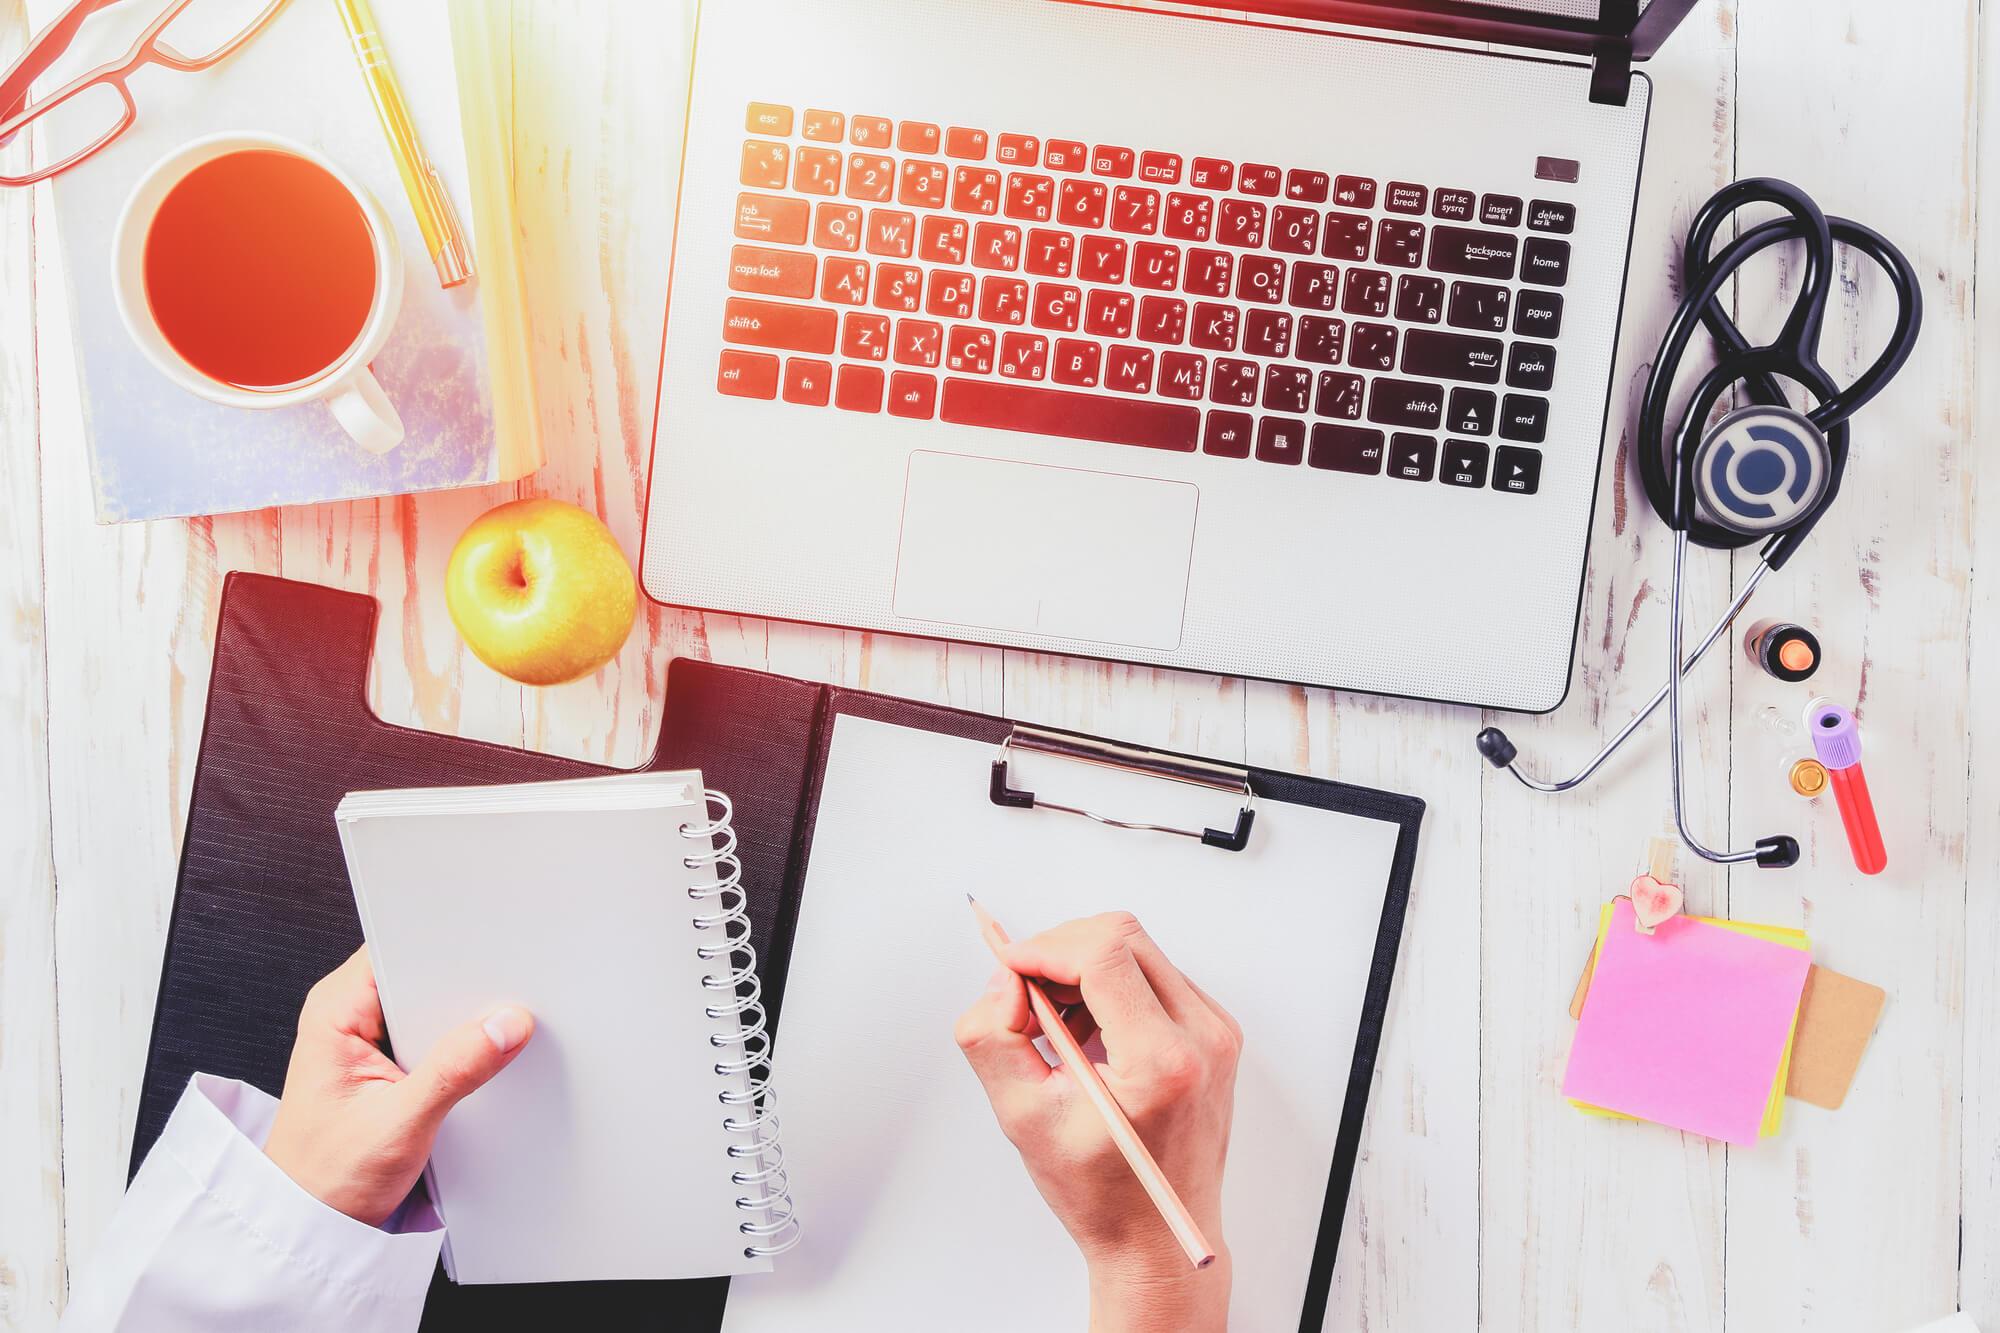 Marketing digital para médicos: saiba como fazer da maneira correta